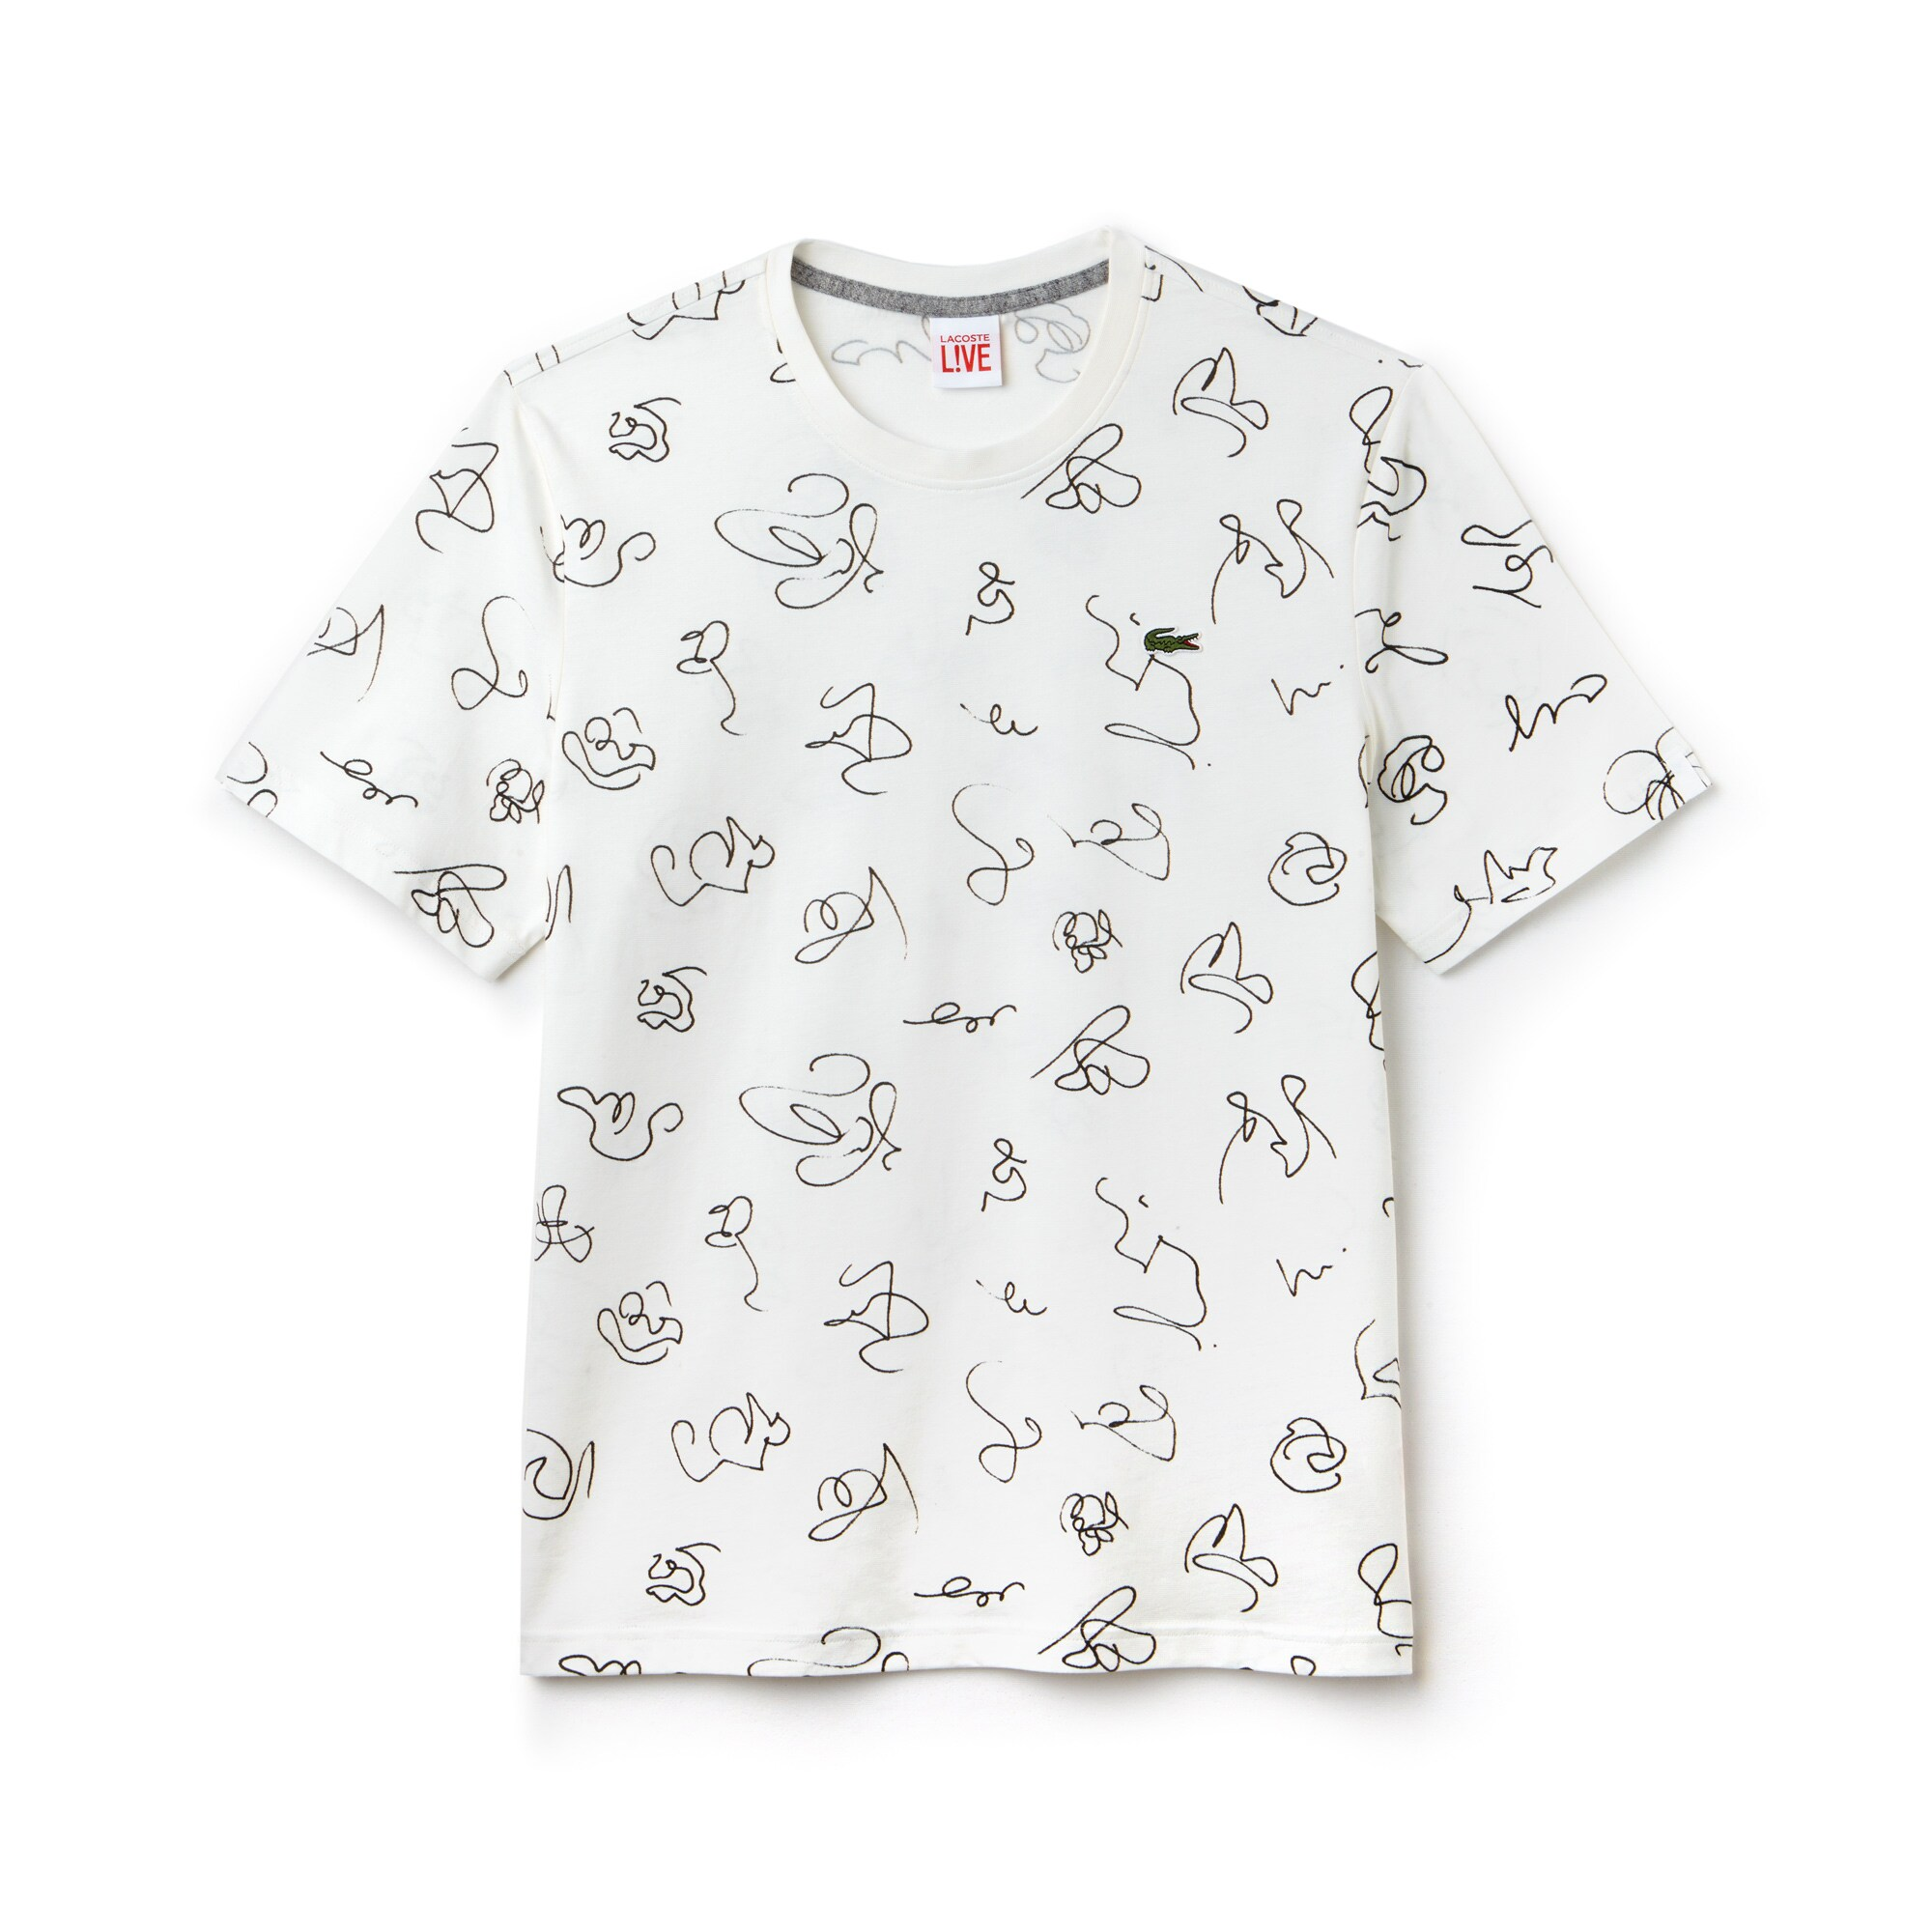 Men's Lacoste LIVE Crew Neck Doodle Print Cotton Jersey T-shirt